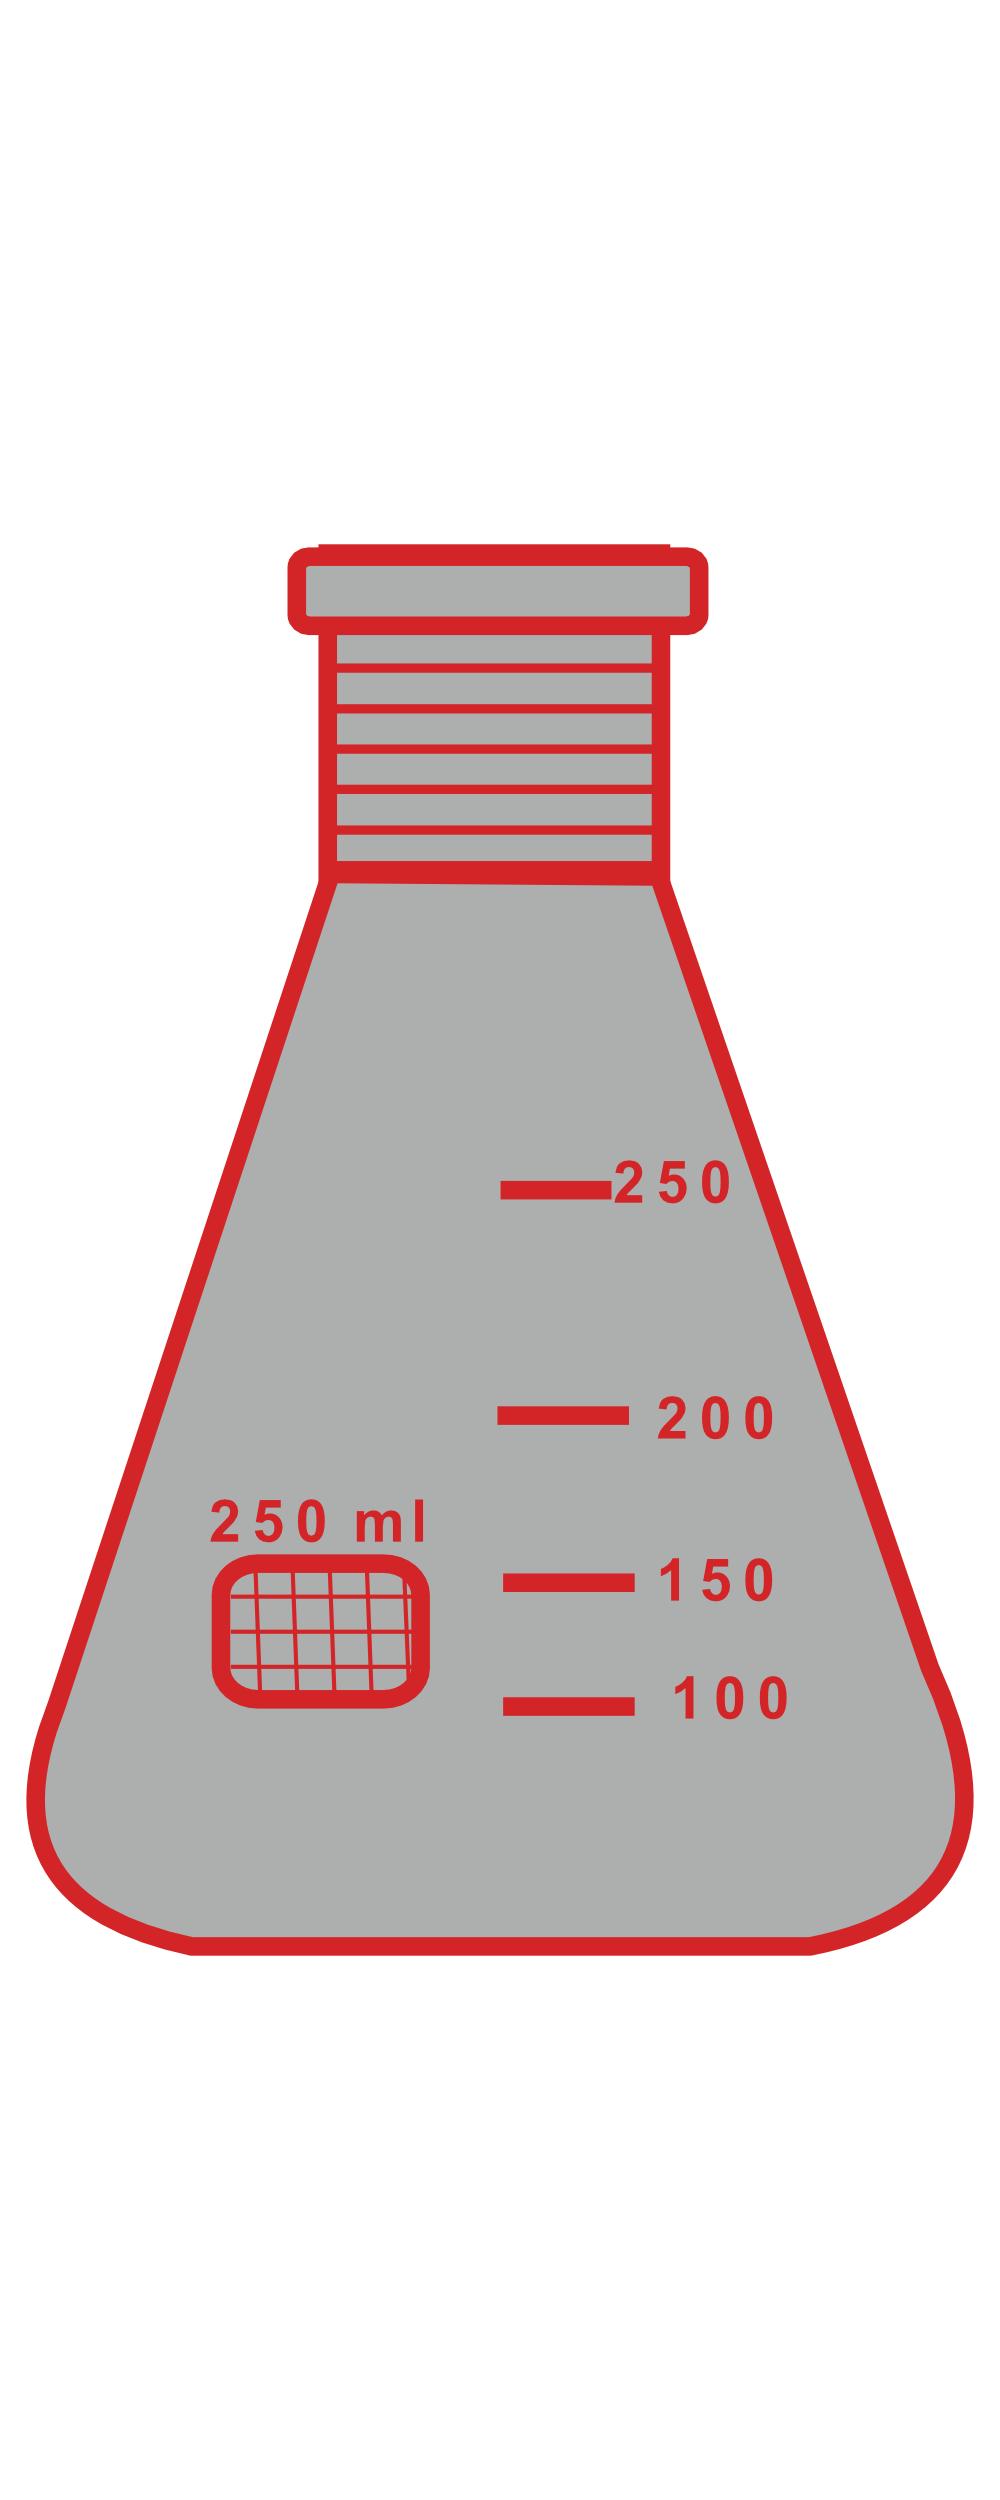 2. Winzer Laborglastechnik_braune Glasgeräte_Erlenmeyer-Kolben